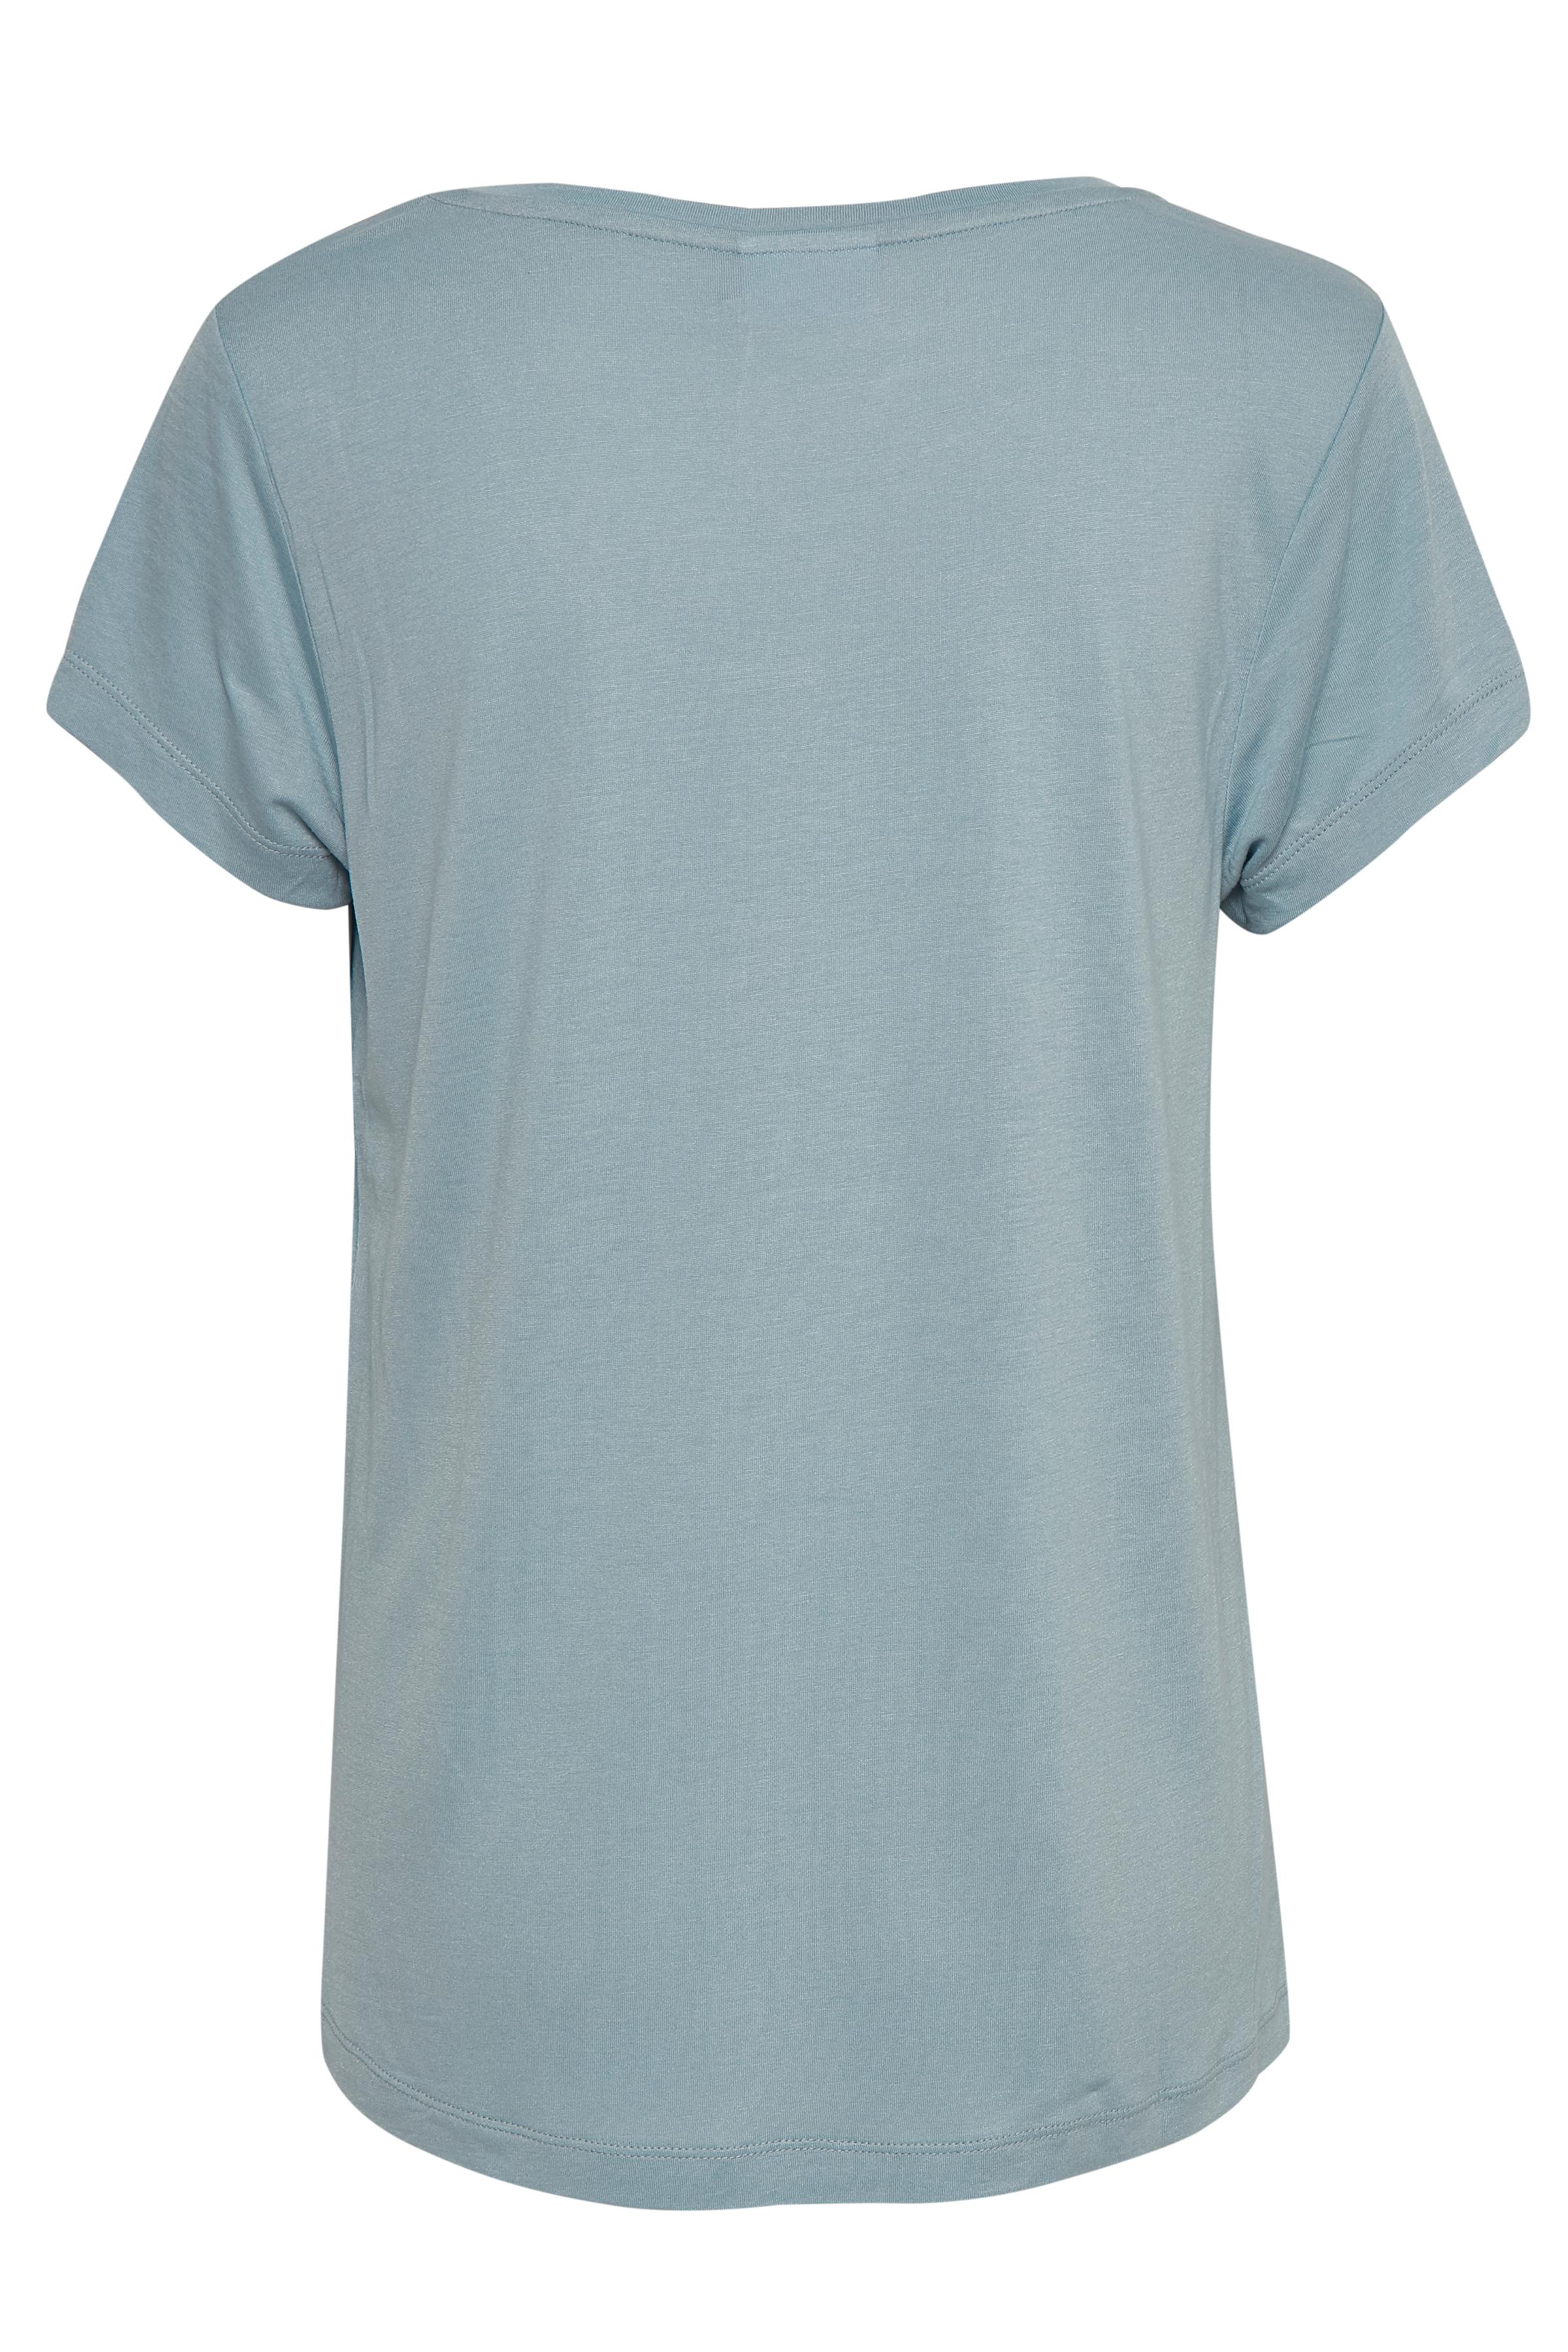 Støvet blå Kortærmet T-shirt fra Kaffe – Køb Støvet blå Kortærmet T-shirt fra str. XS-XXL her